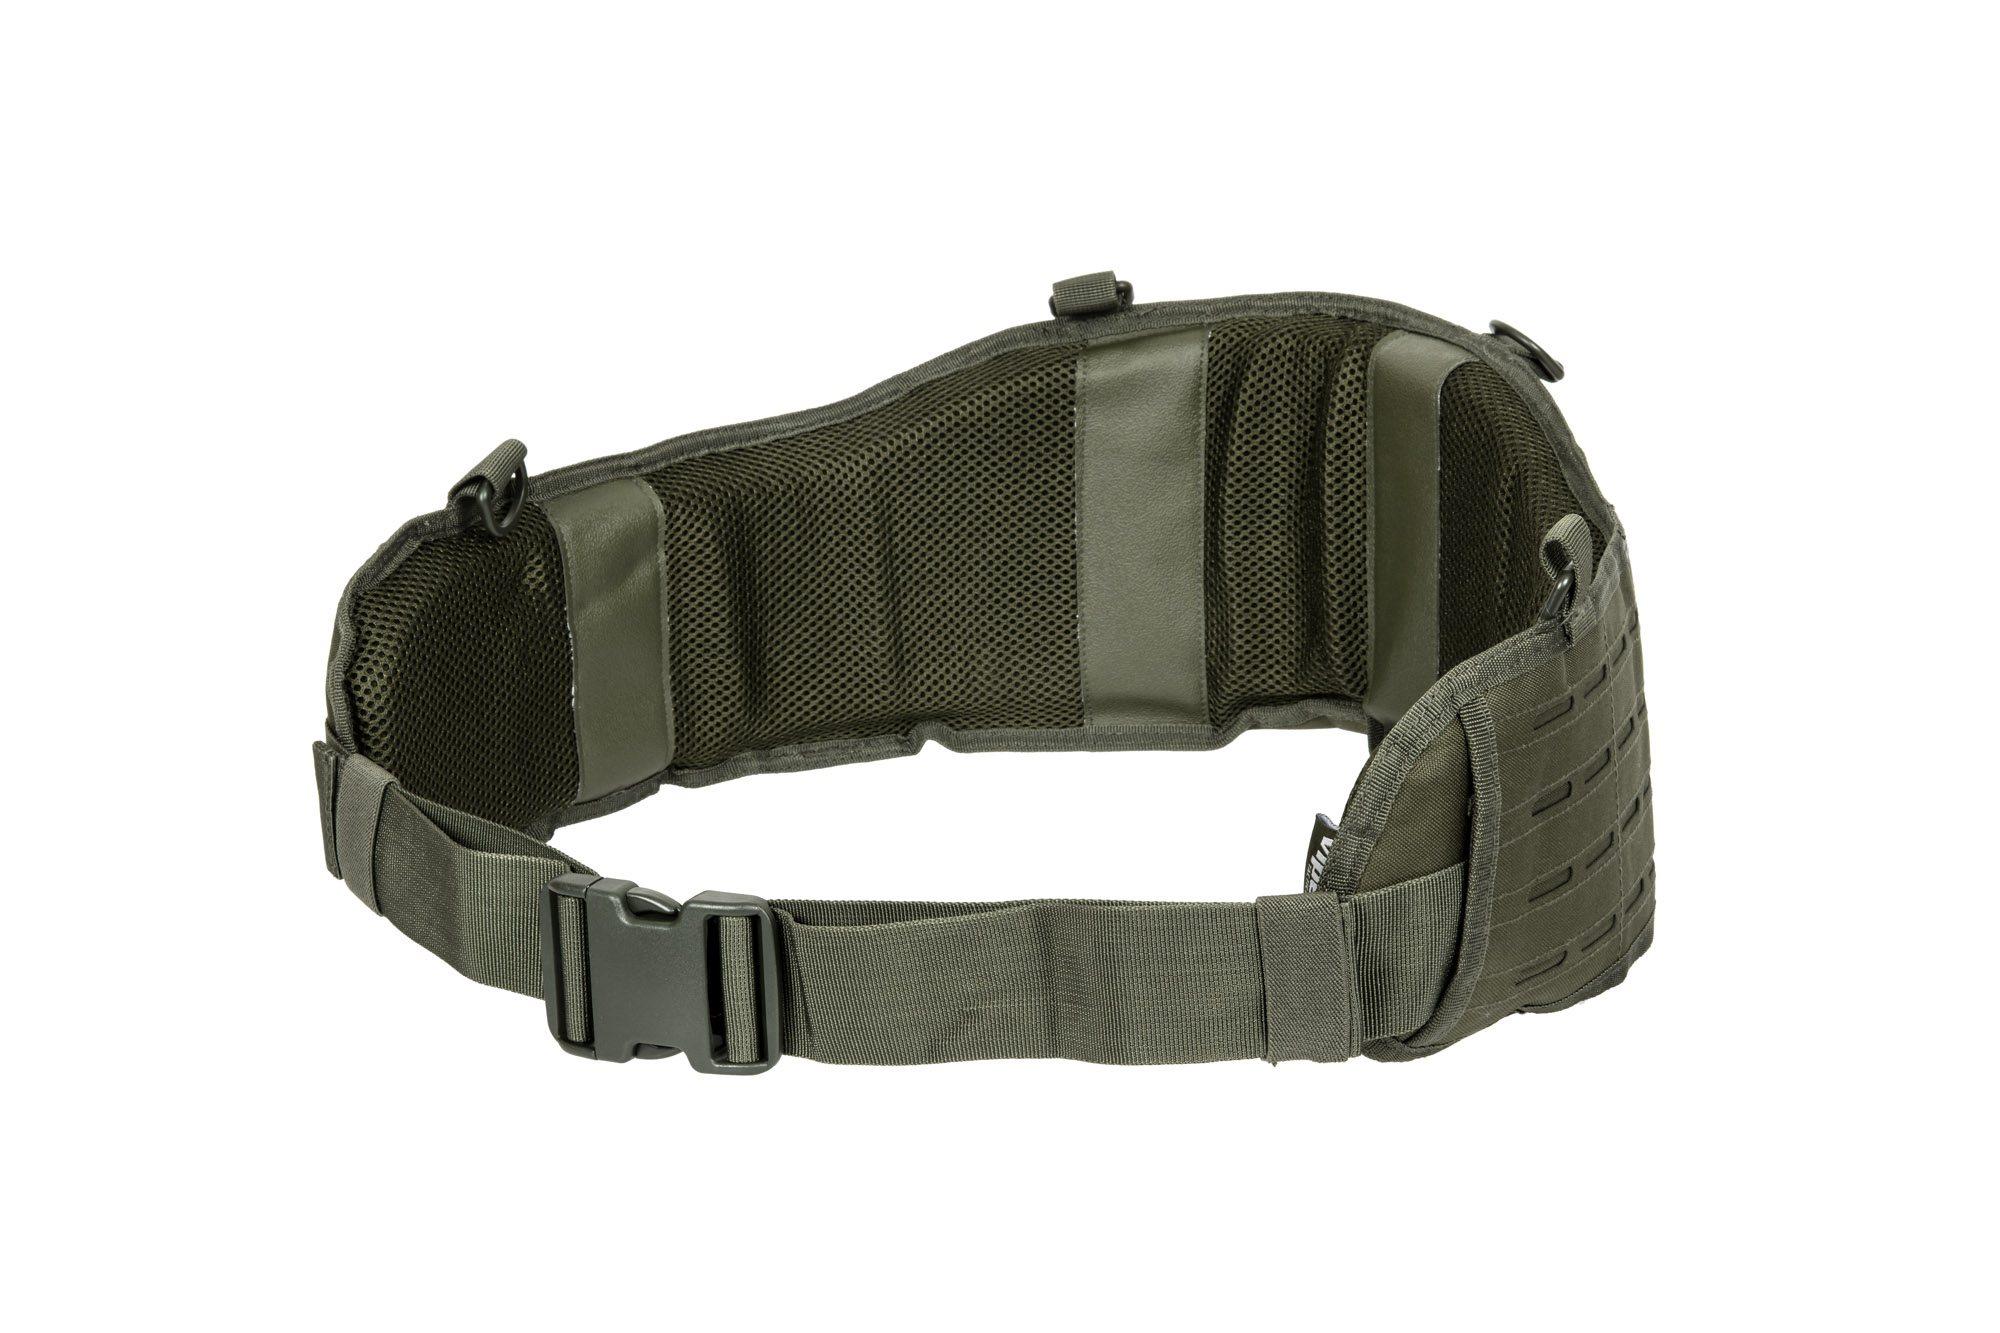 Viper Lazer Tactical belt -Olive